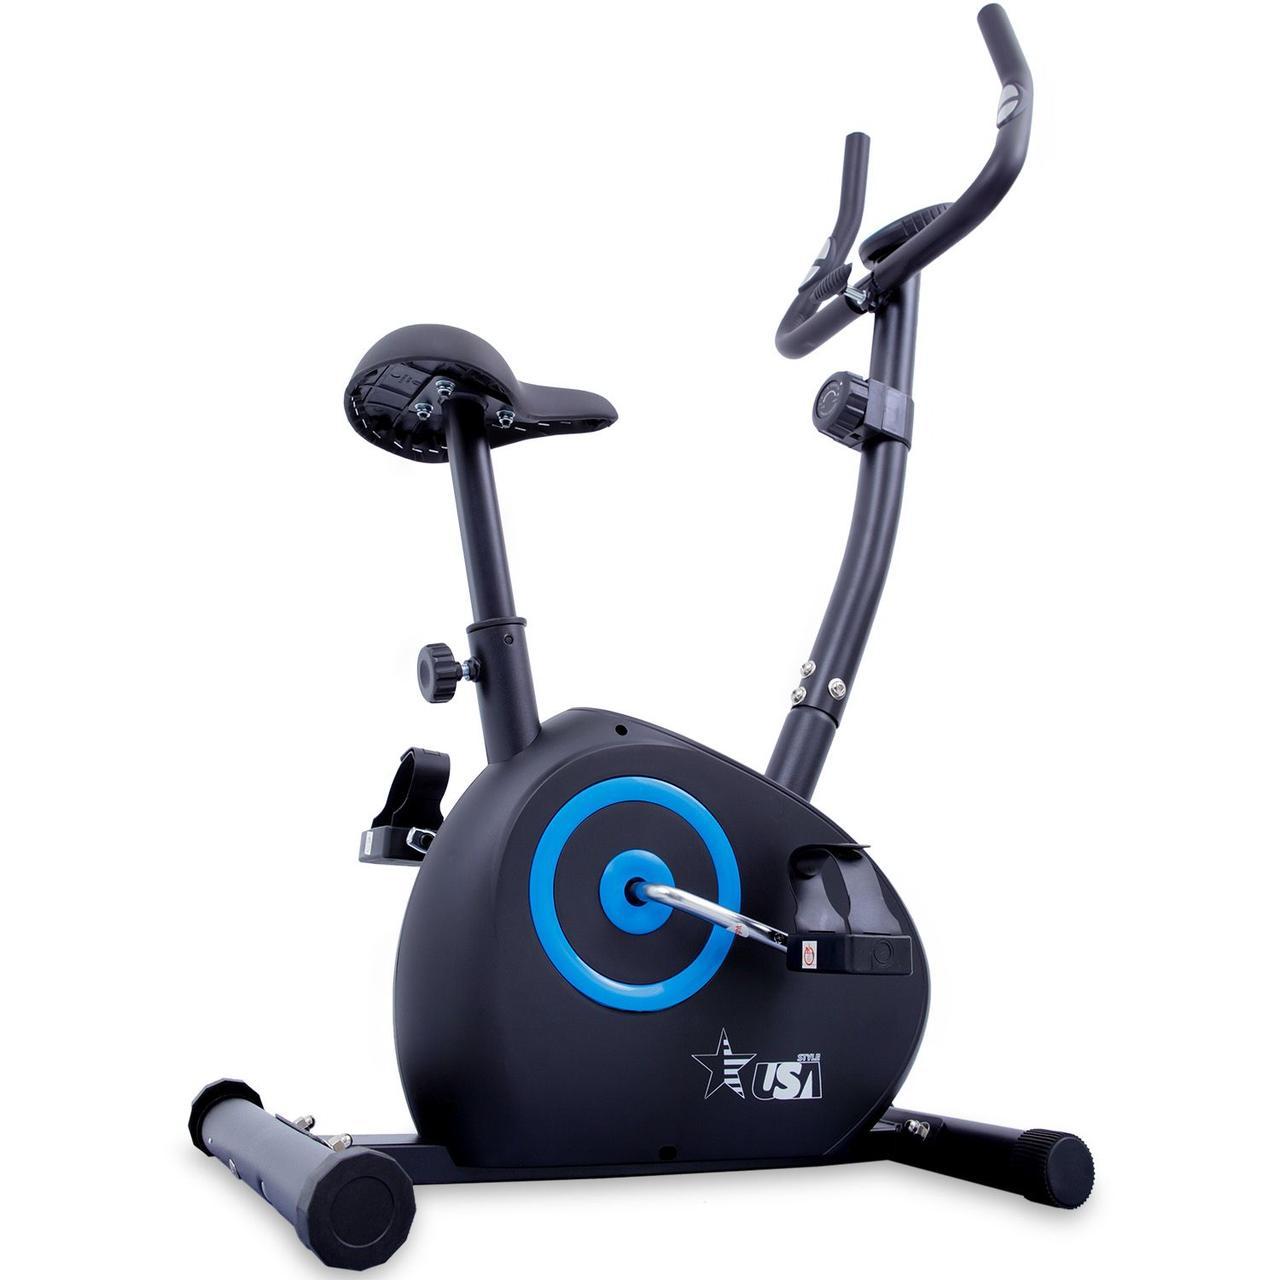 Домашній велотренажер магнітний до 100 кг USA Style GQ207 вертикальний чорний з синім